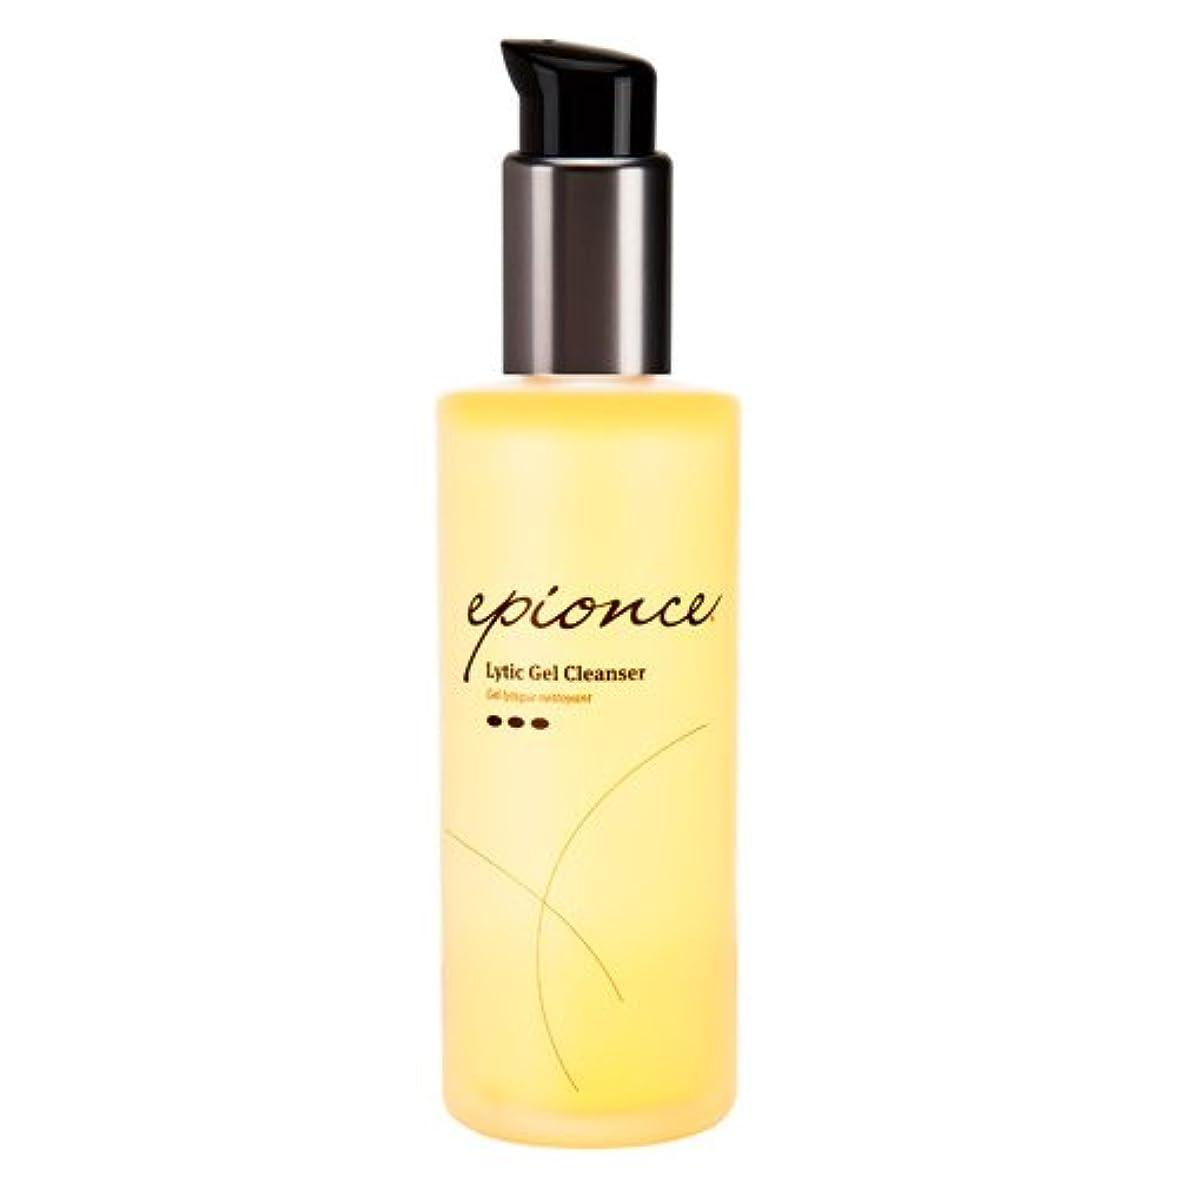 鎮静剤広告主速記Epionce Lytic Gel Cleanser - For Combination to Oily/Problem Skin 170ml/6oz並行輸入品